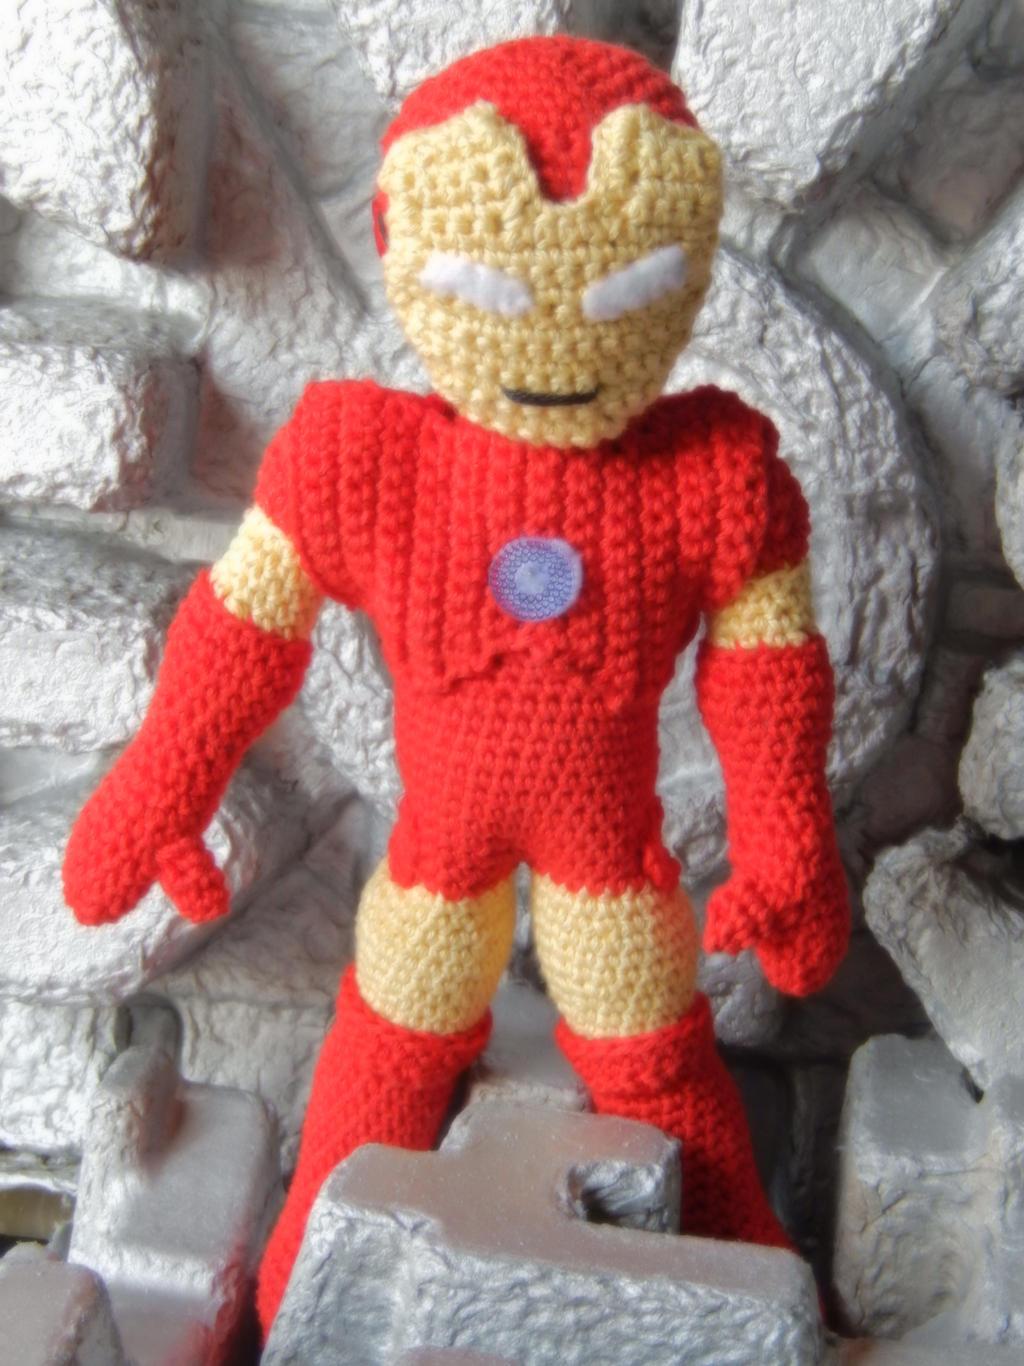 Iron Man Amigurumi Free Pattern : Crochet Iron Man by amilovesgurumi on DeviantArt